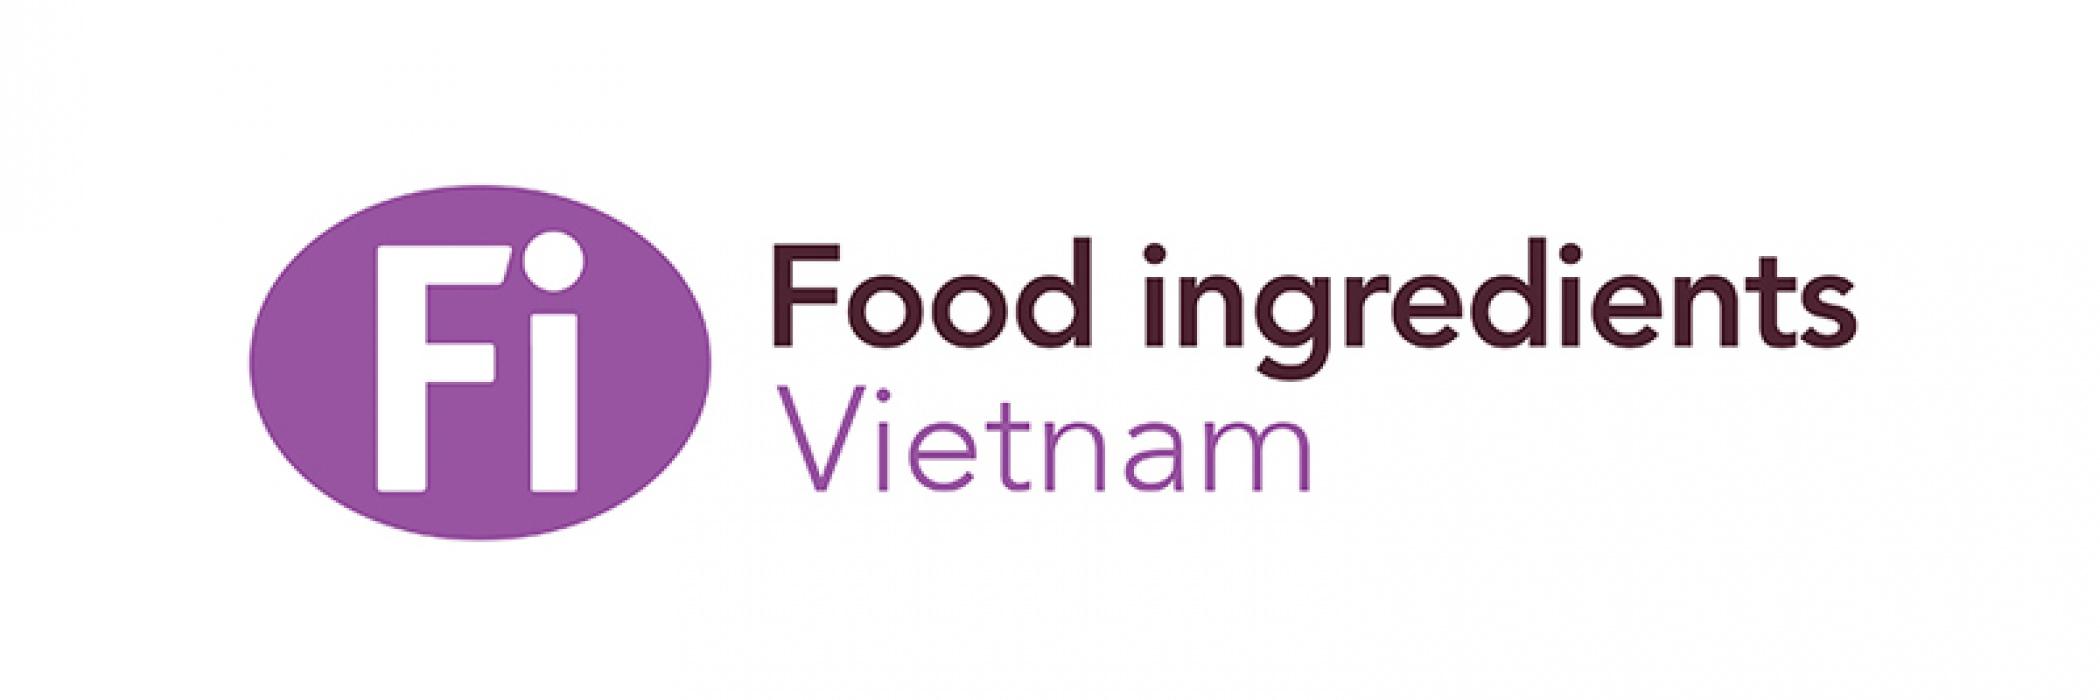 FI Vietnam